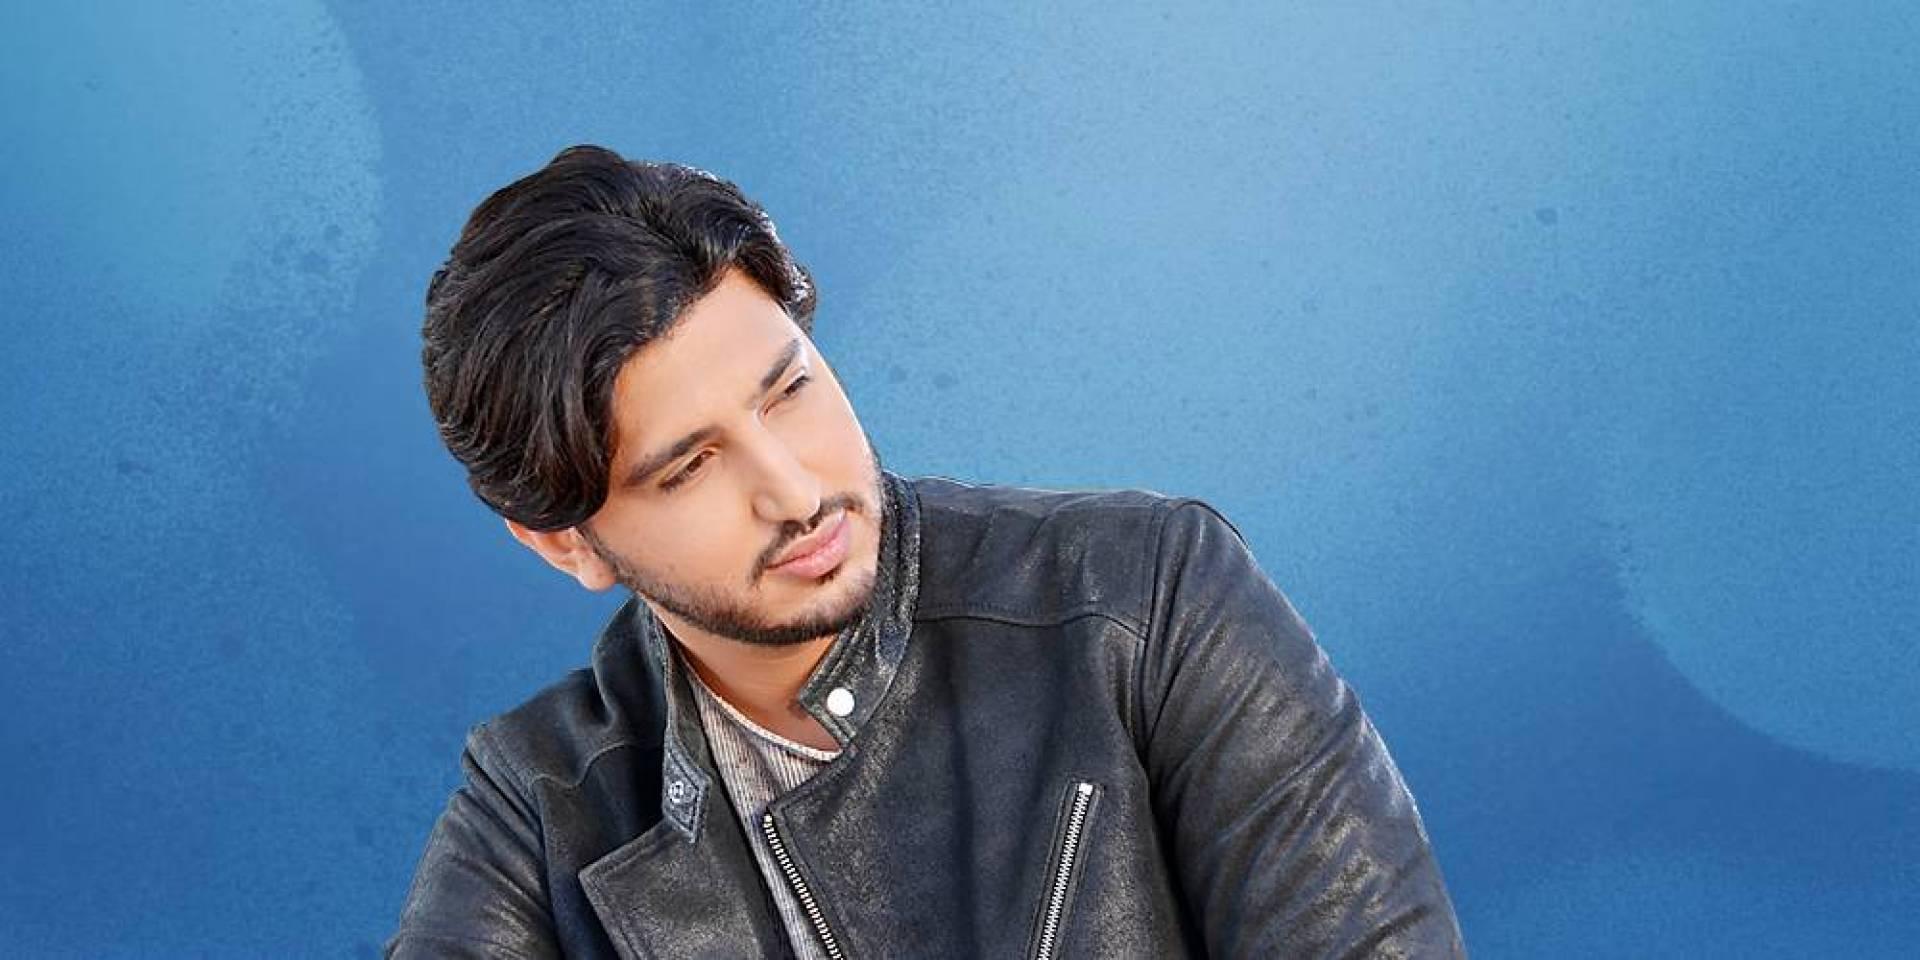 محمد فضل شاكر: والدي بخير وبحاجة لدعم عربي